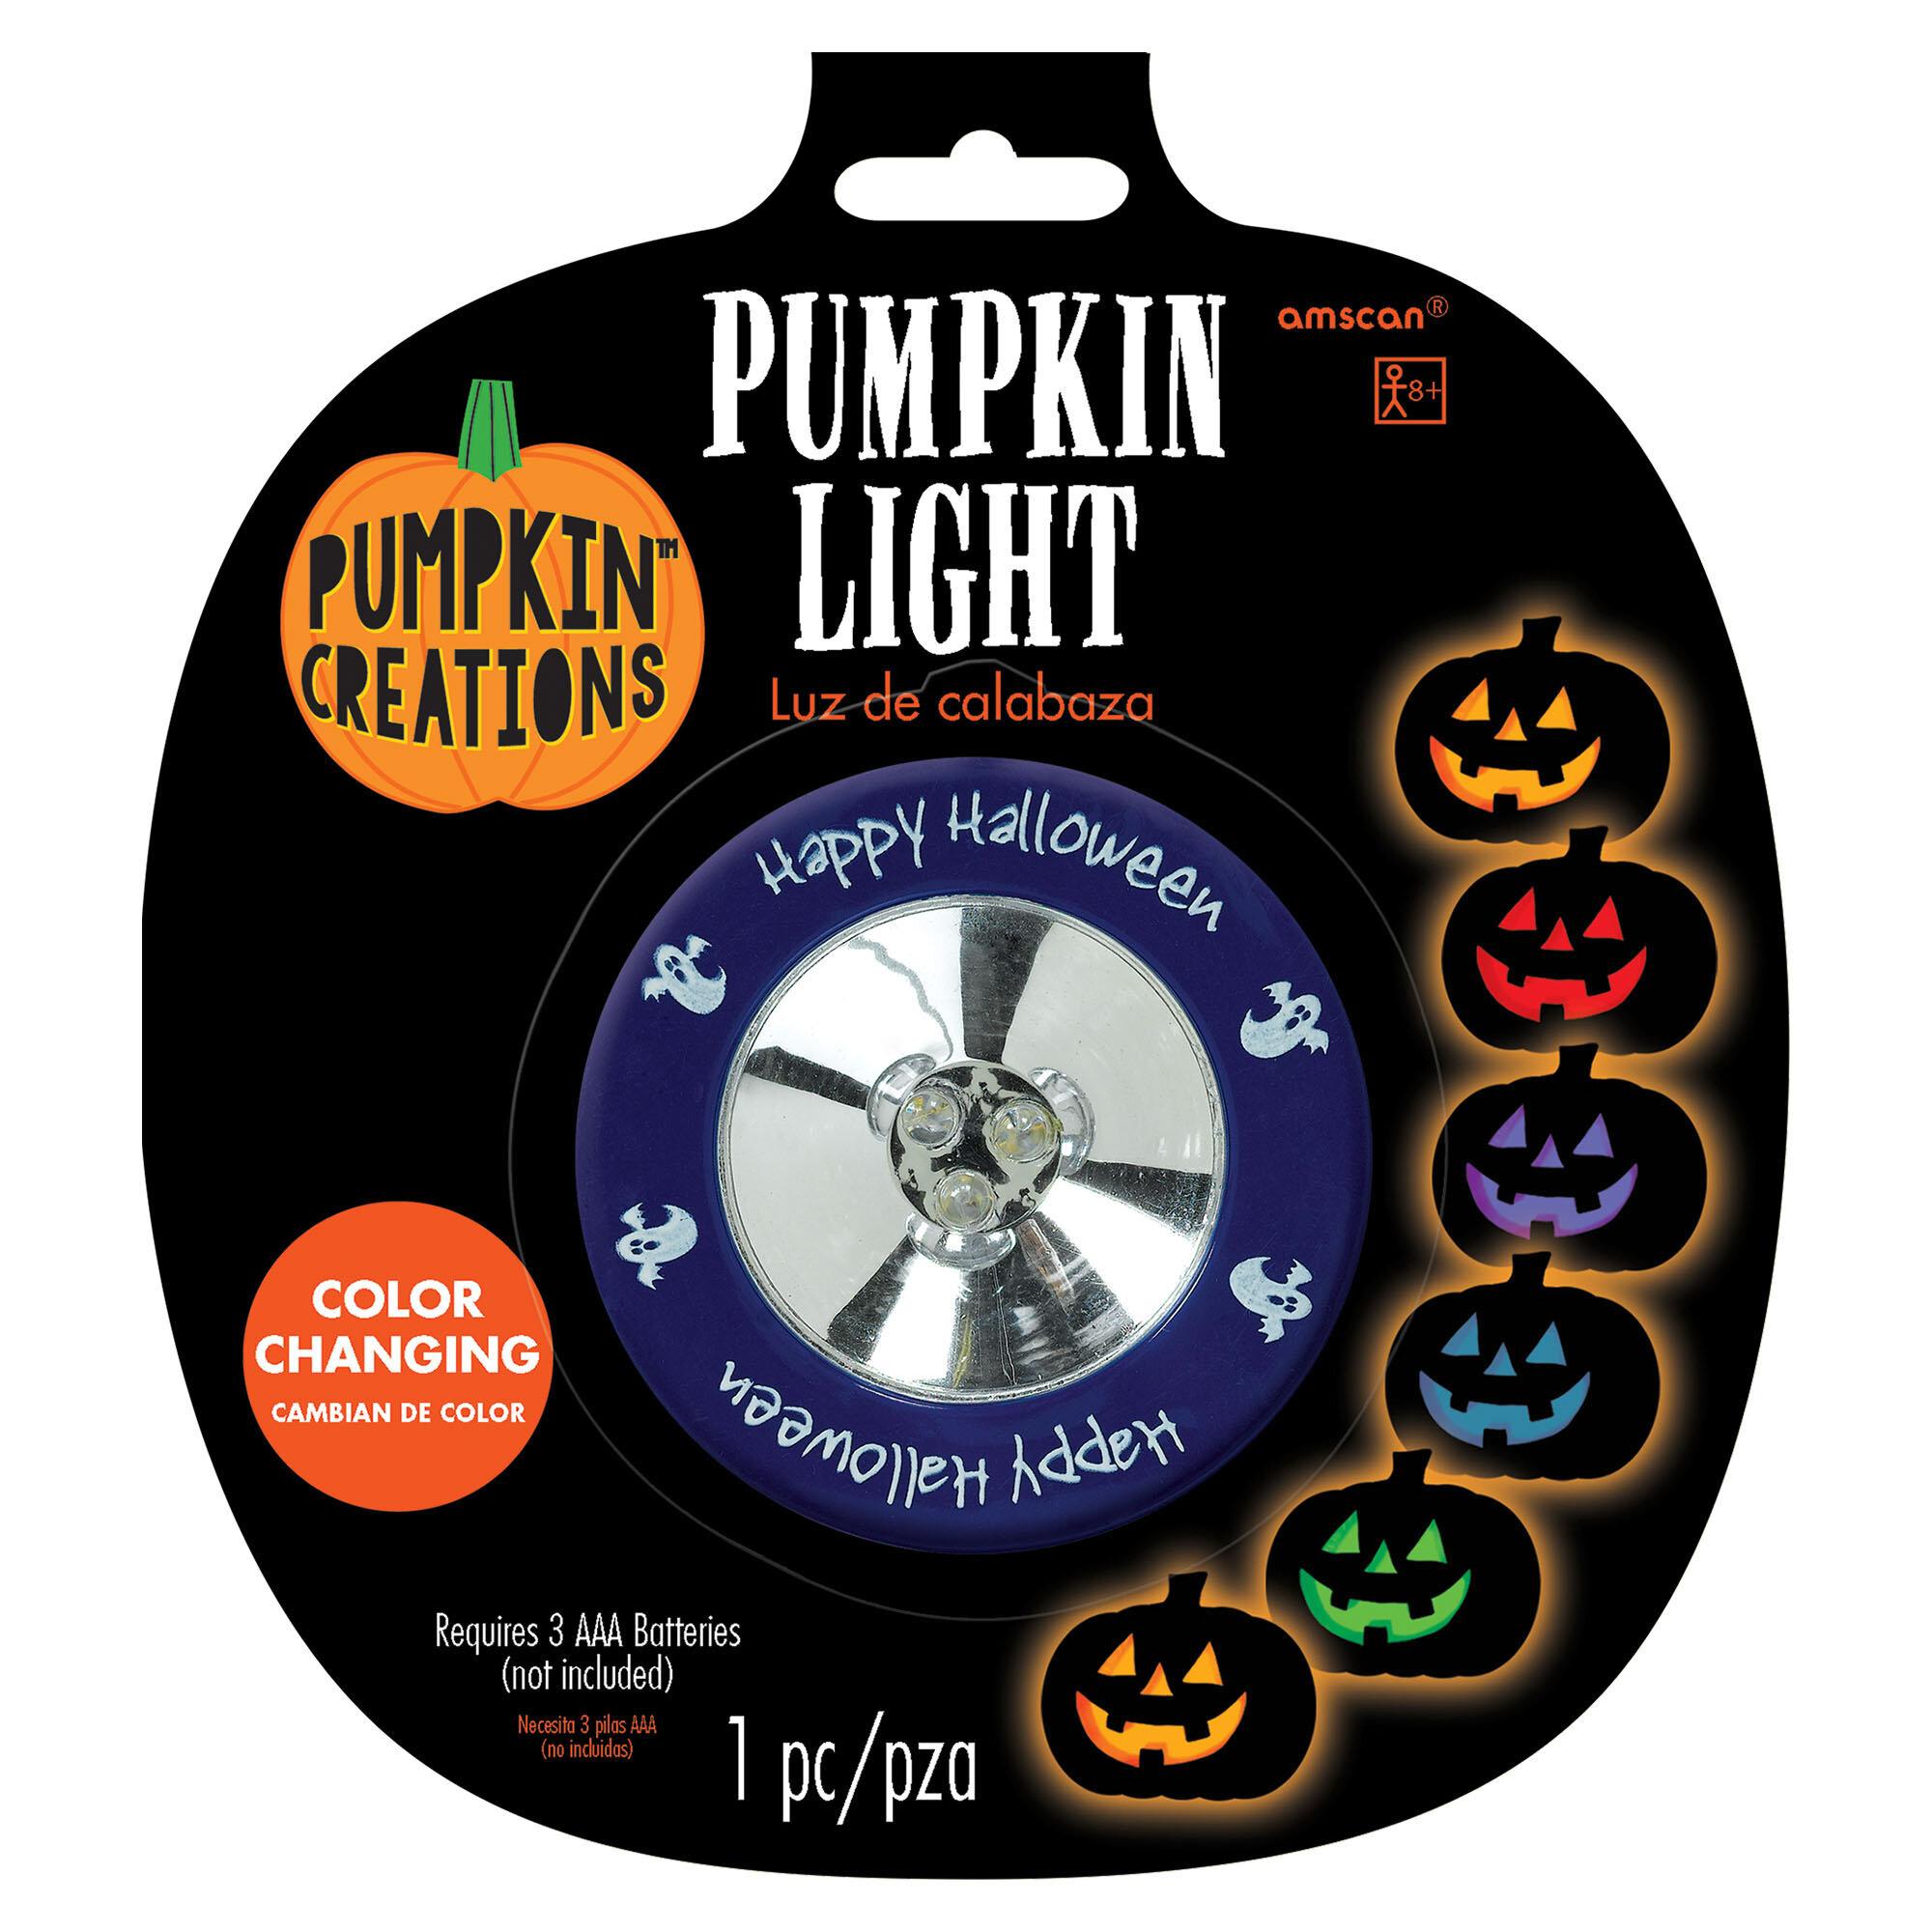 PUMPKIN LITES STROBE Lights Safer than Candles Batteries Included